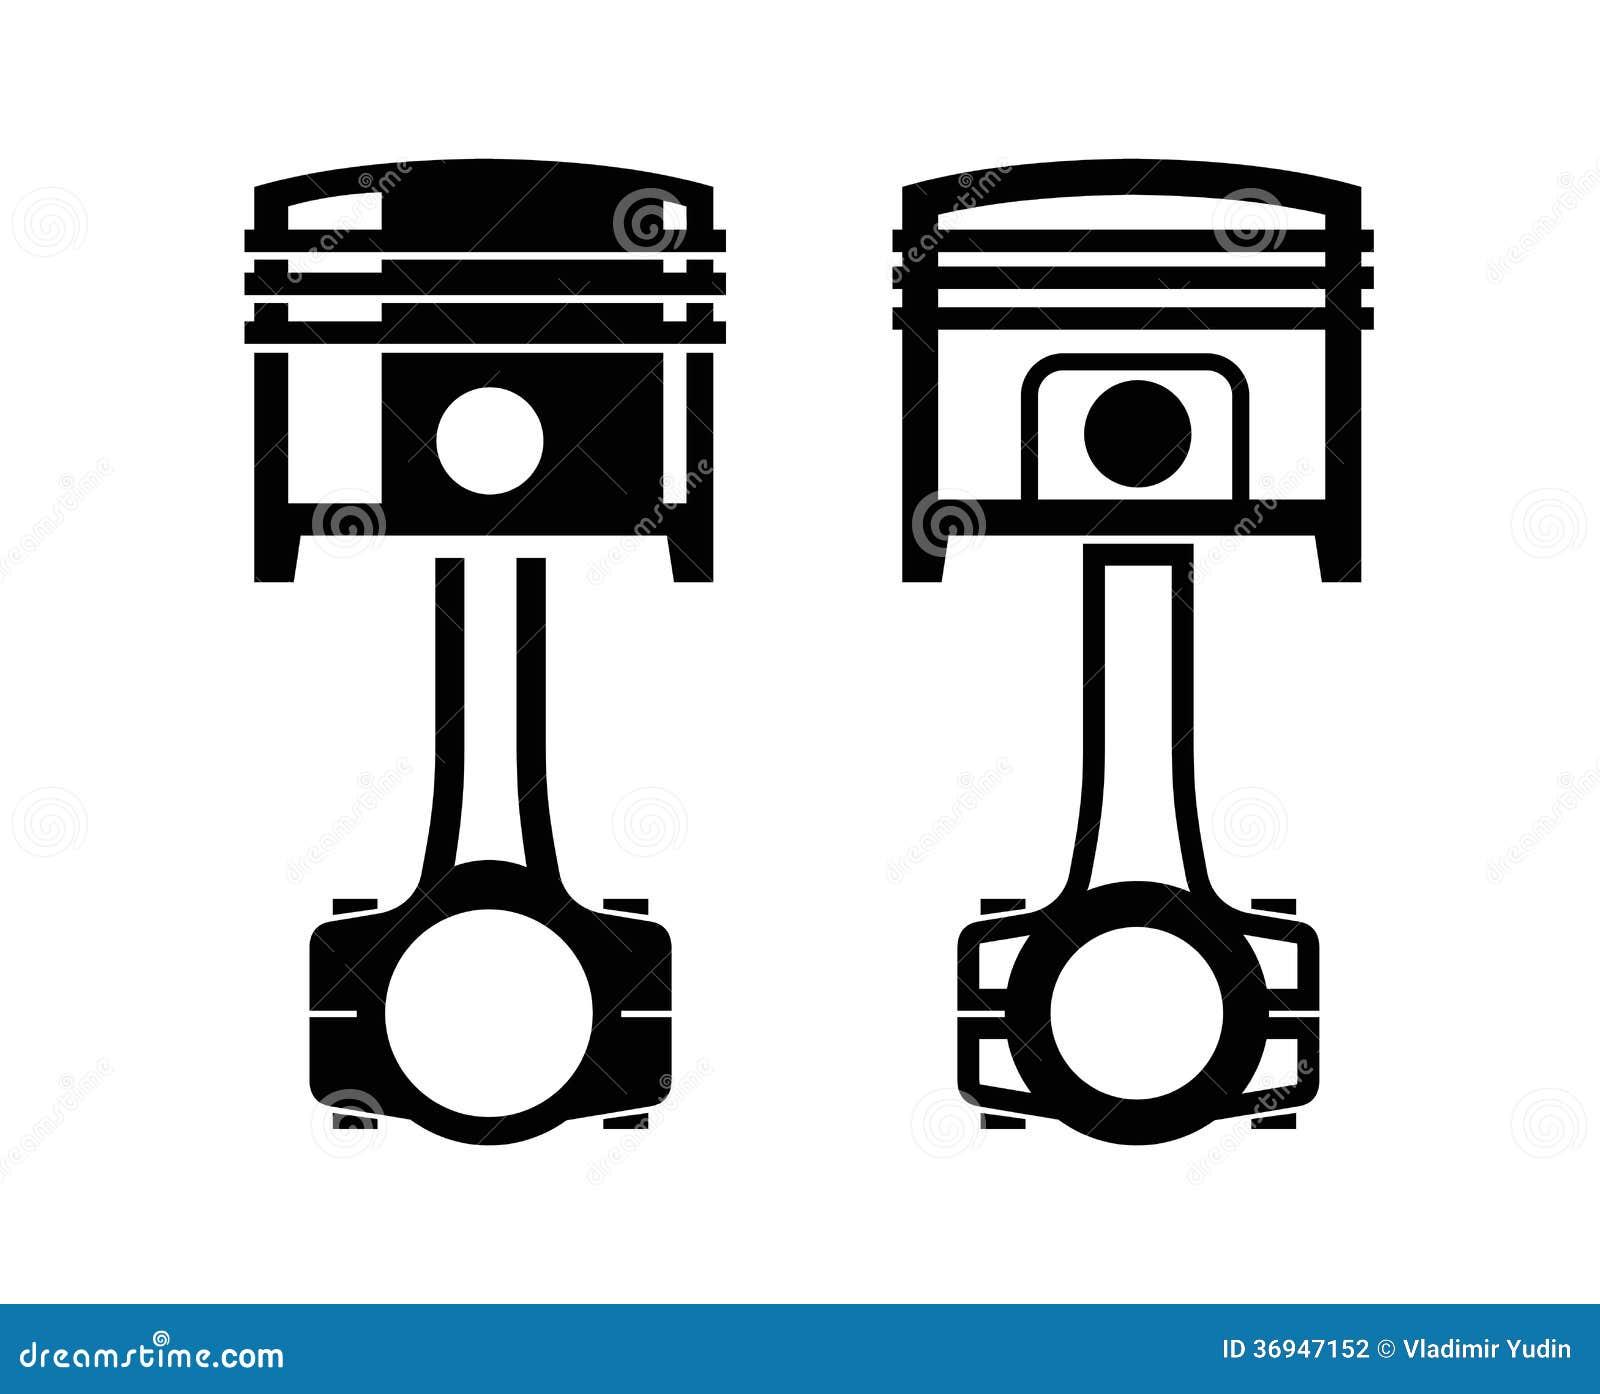 Stock Photography Car Piston Icon File Eps Format Image36947152 on Crankshaft Animation